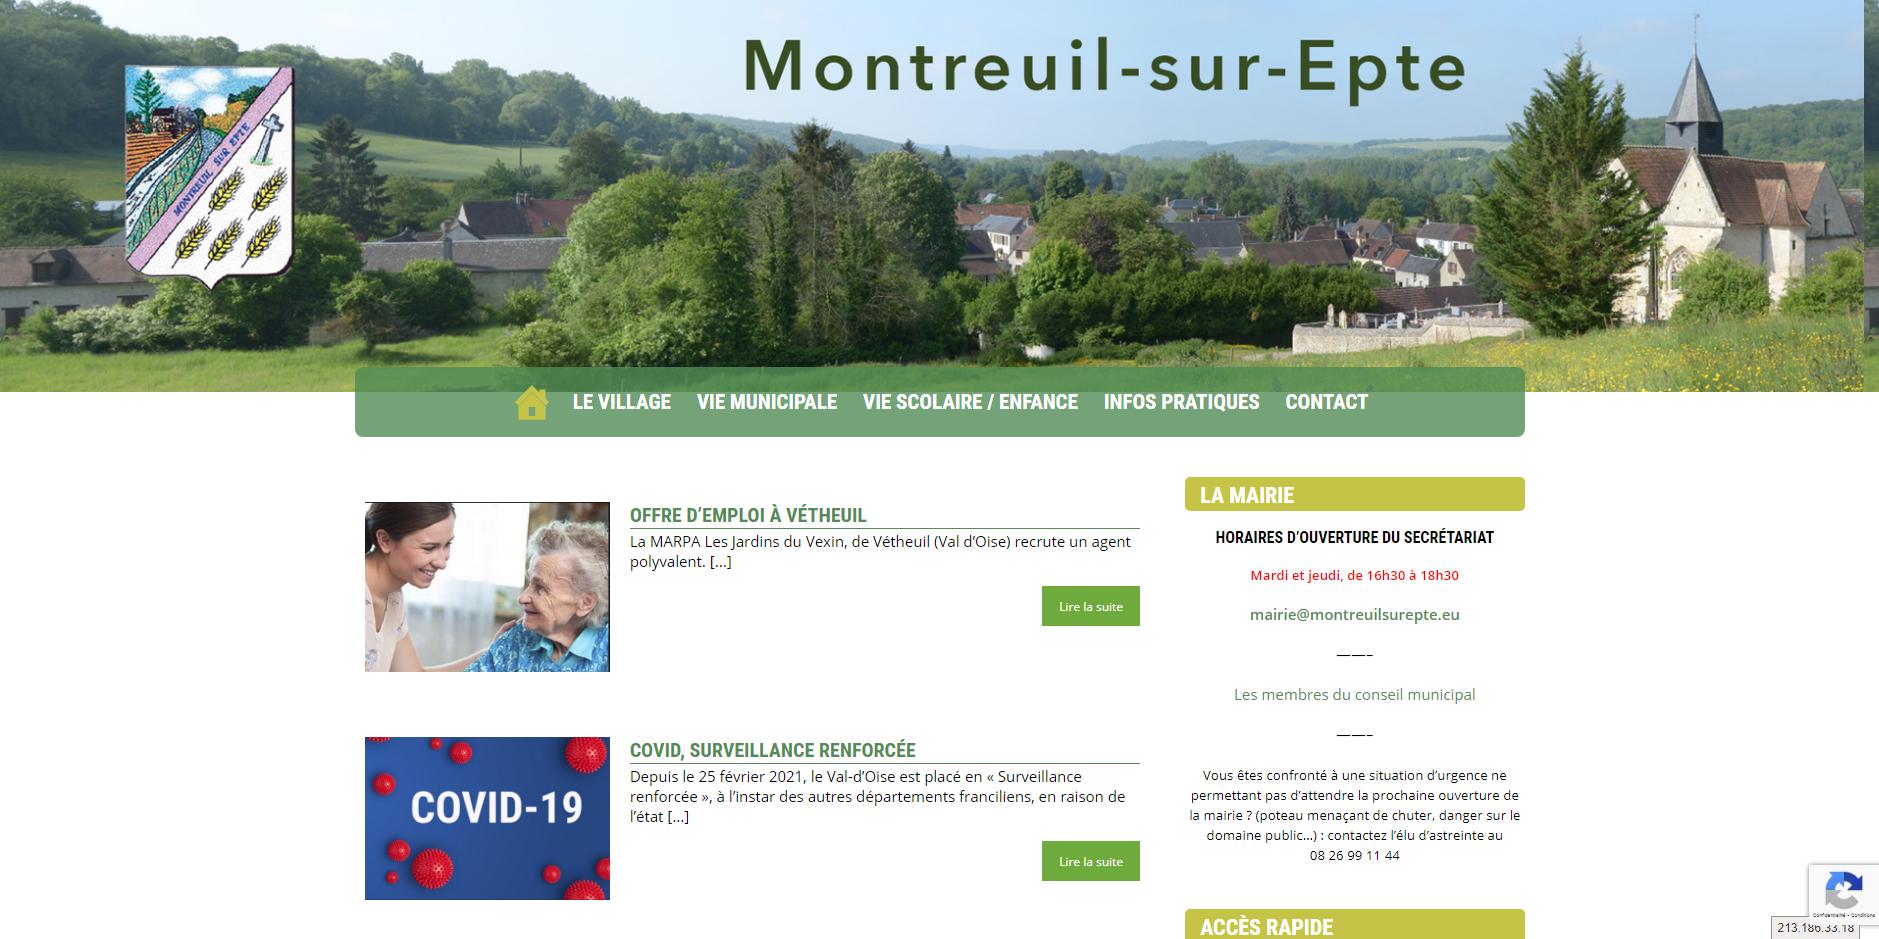 site de Montreuil-sur-Epte